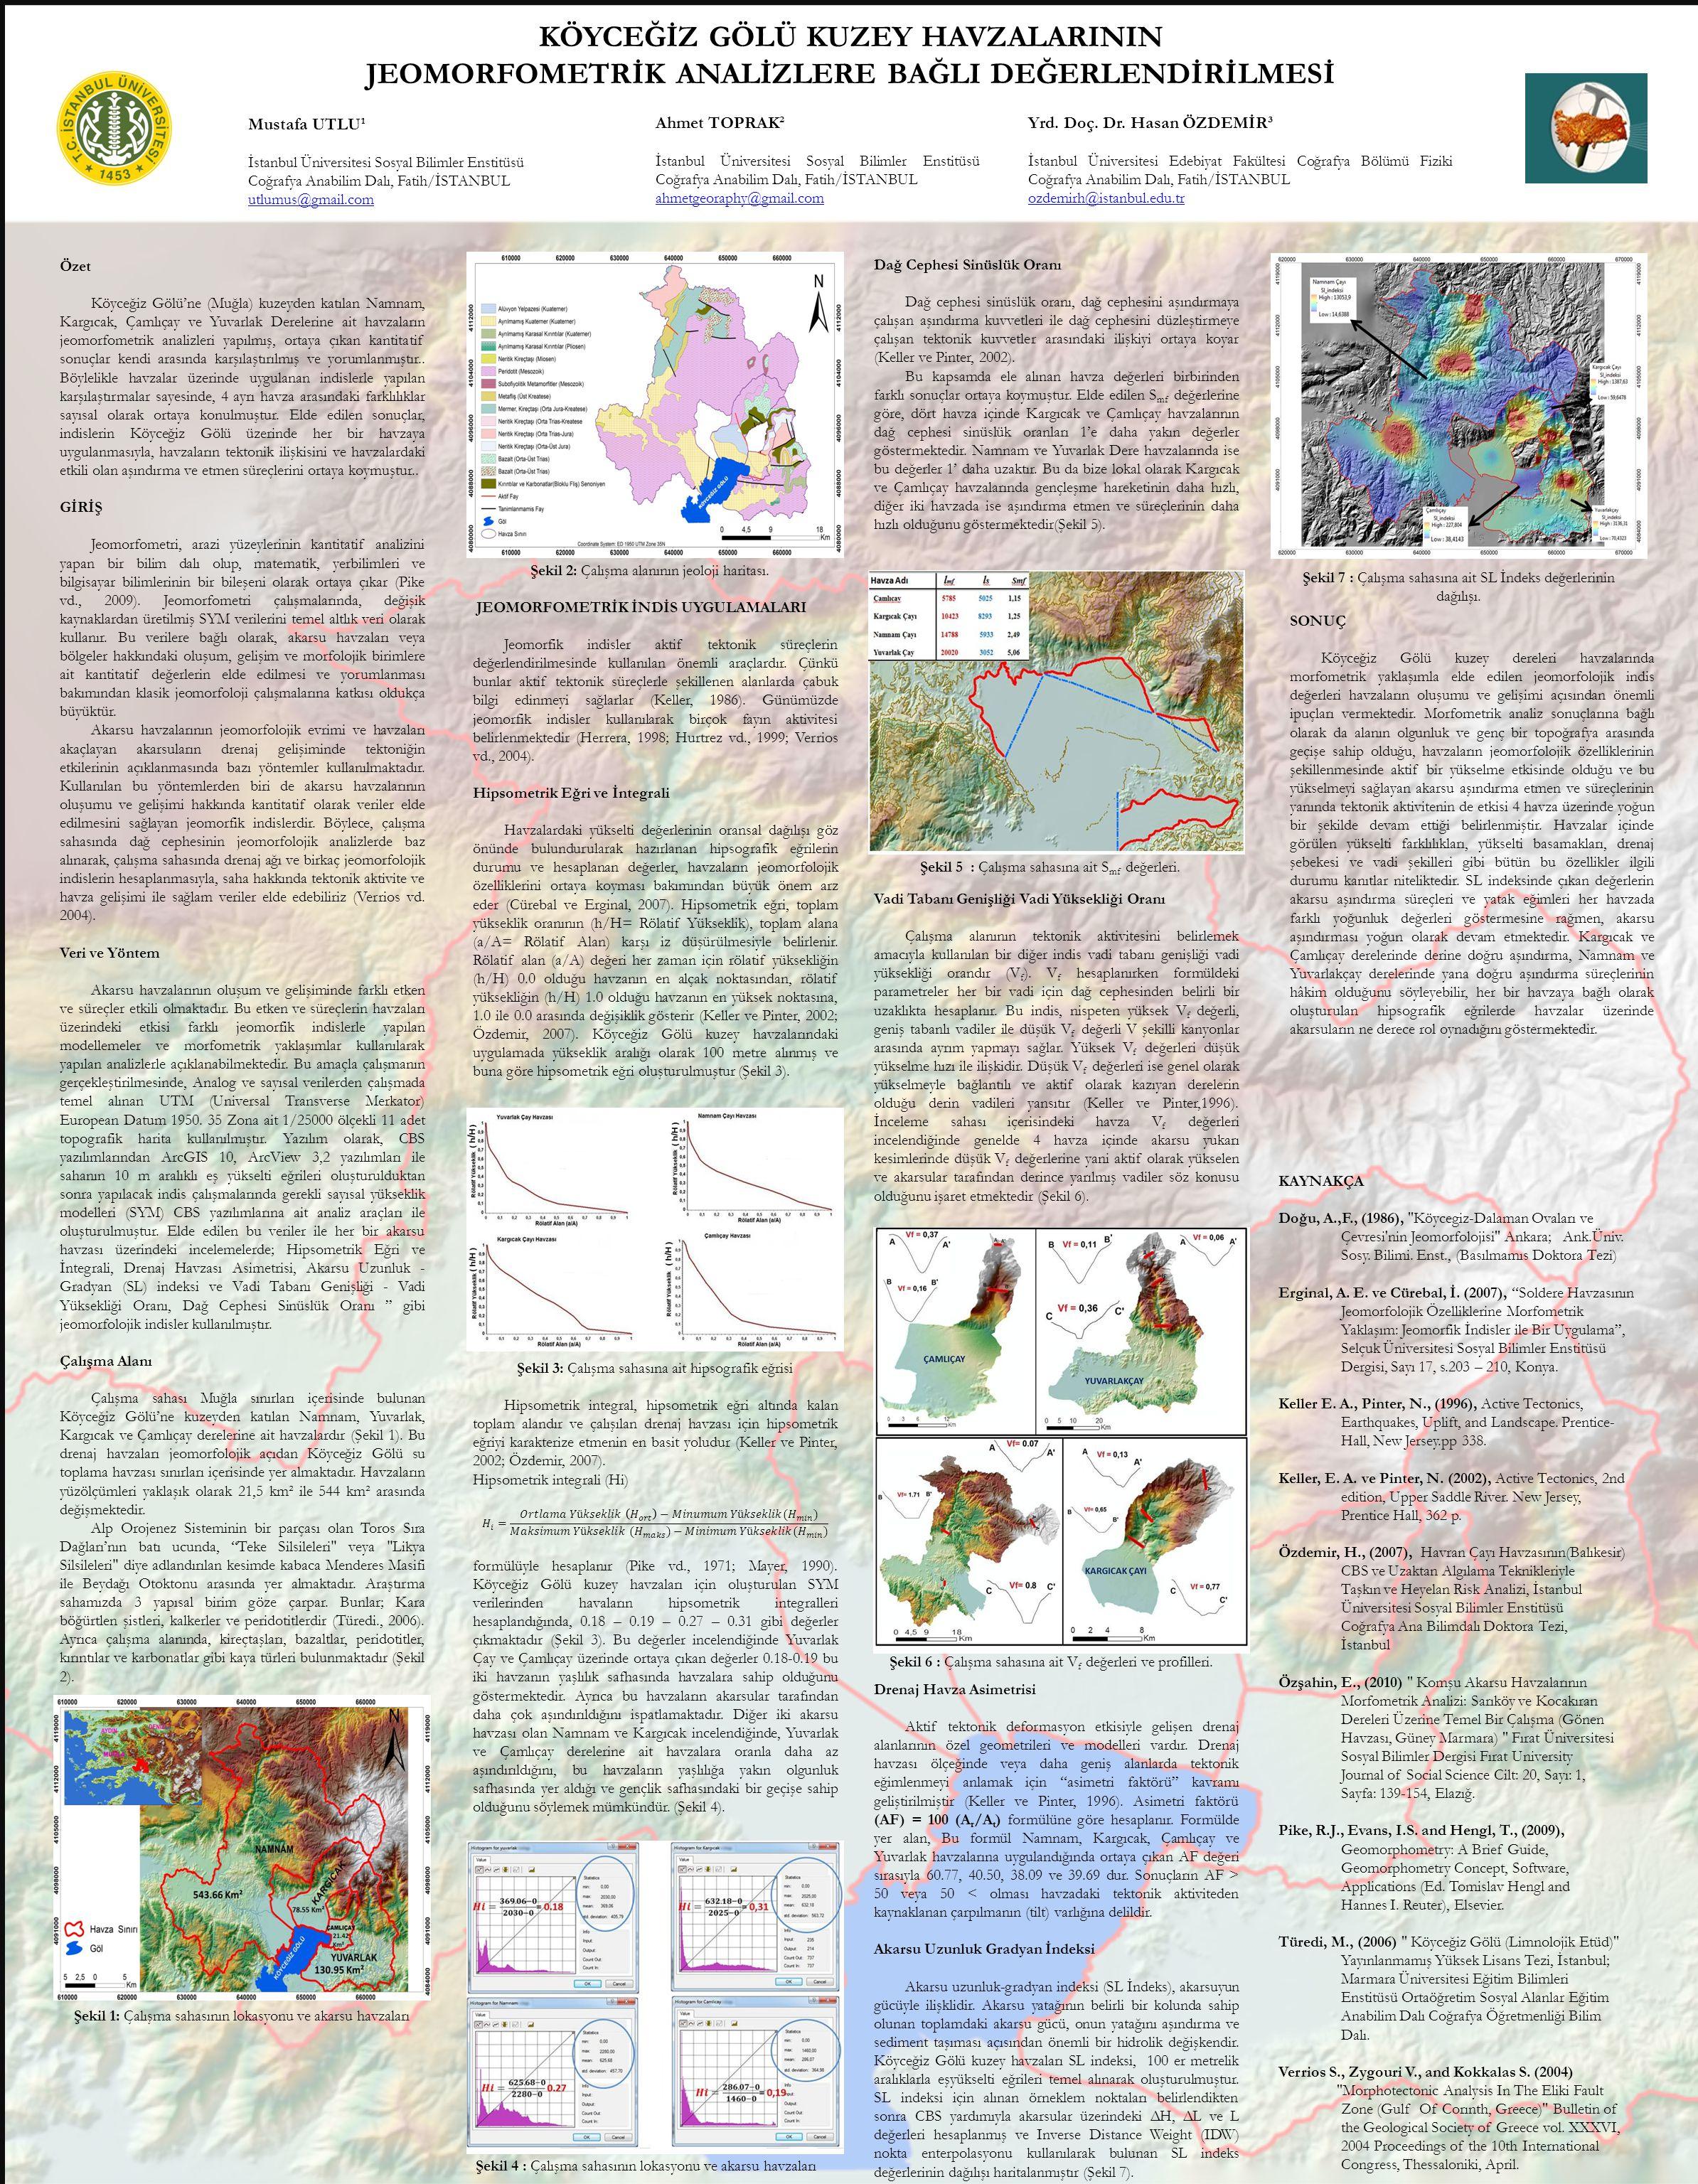 Özet Köyceğiz Gölü'ne (Muğla) kuzeyden katılan Namnam, Kargıcak, Çamlıçay ve Yuvarlak Derelerine ait havzaların jeomorfometrik analizleri yapılmış, ortaya çıkan kantitatif sonuçlar kendi arasında karşılaştırılmış ve yorumlanmıştır..